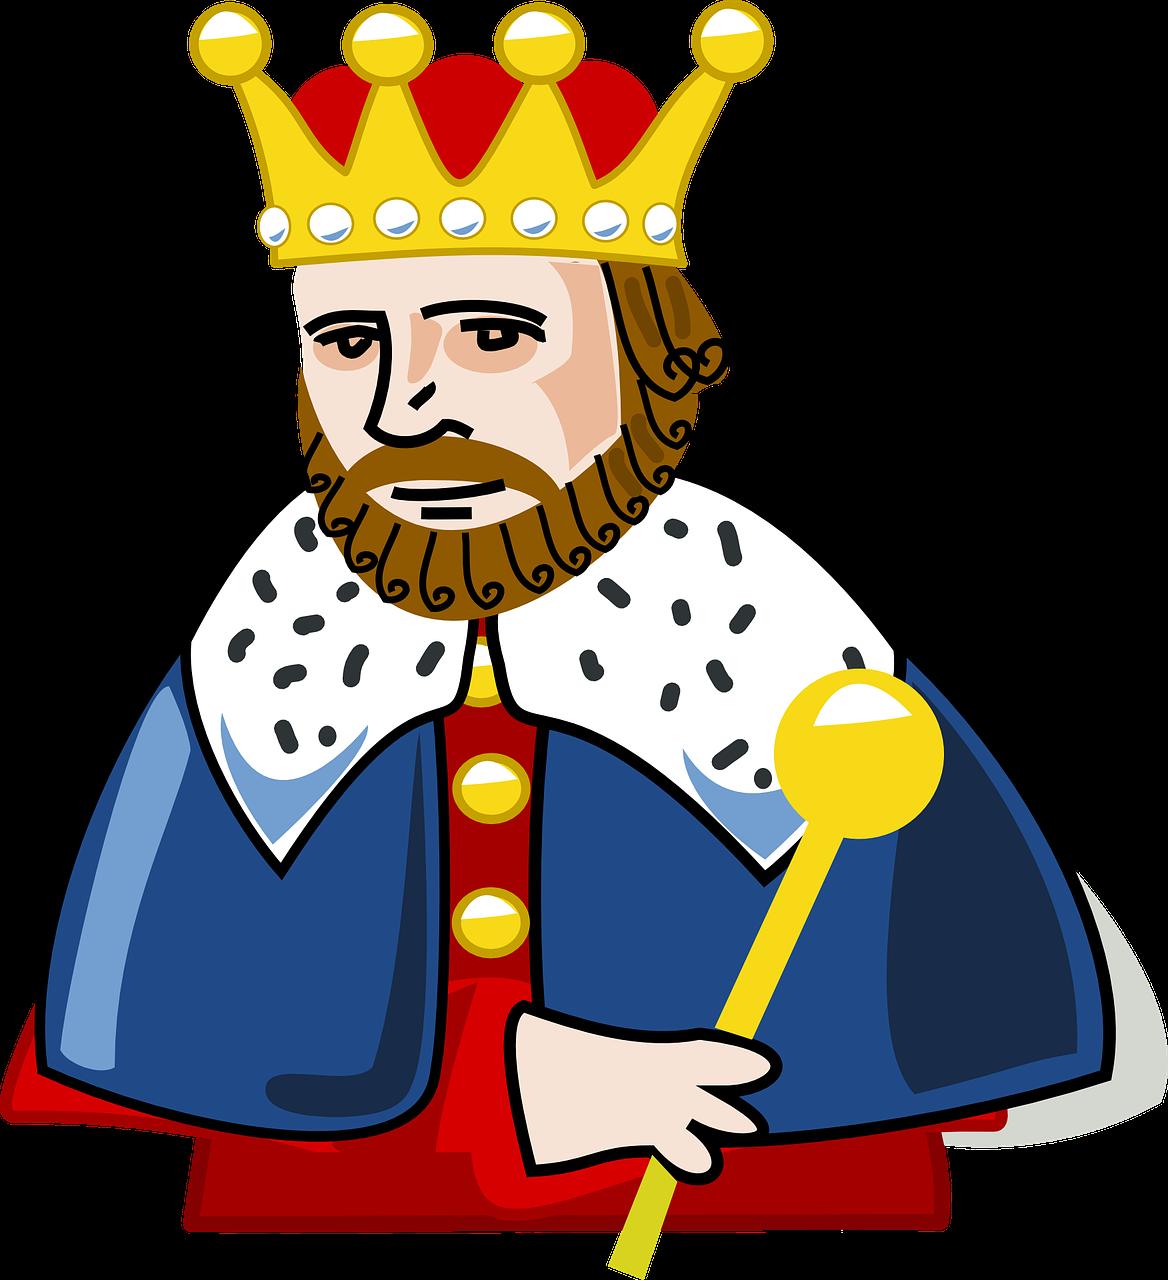 Kuningas. Pixabay.